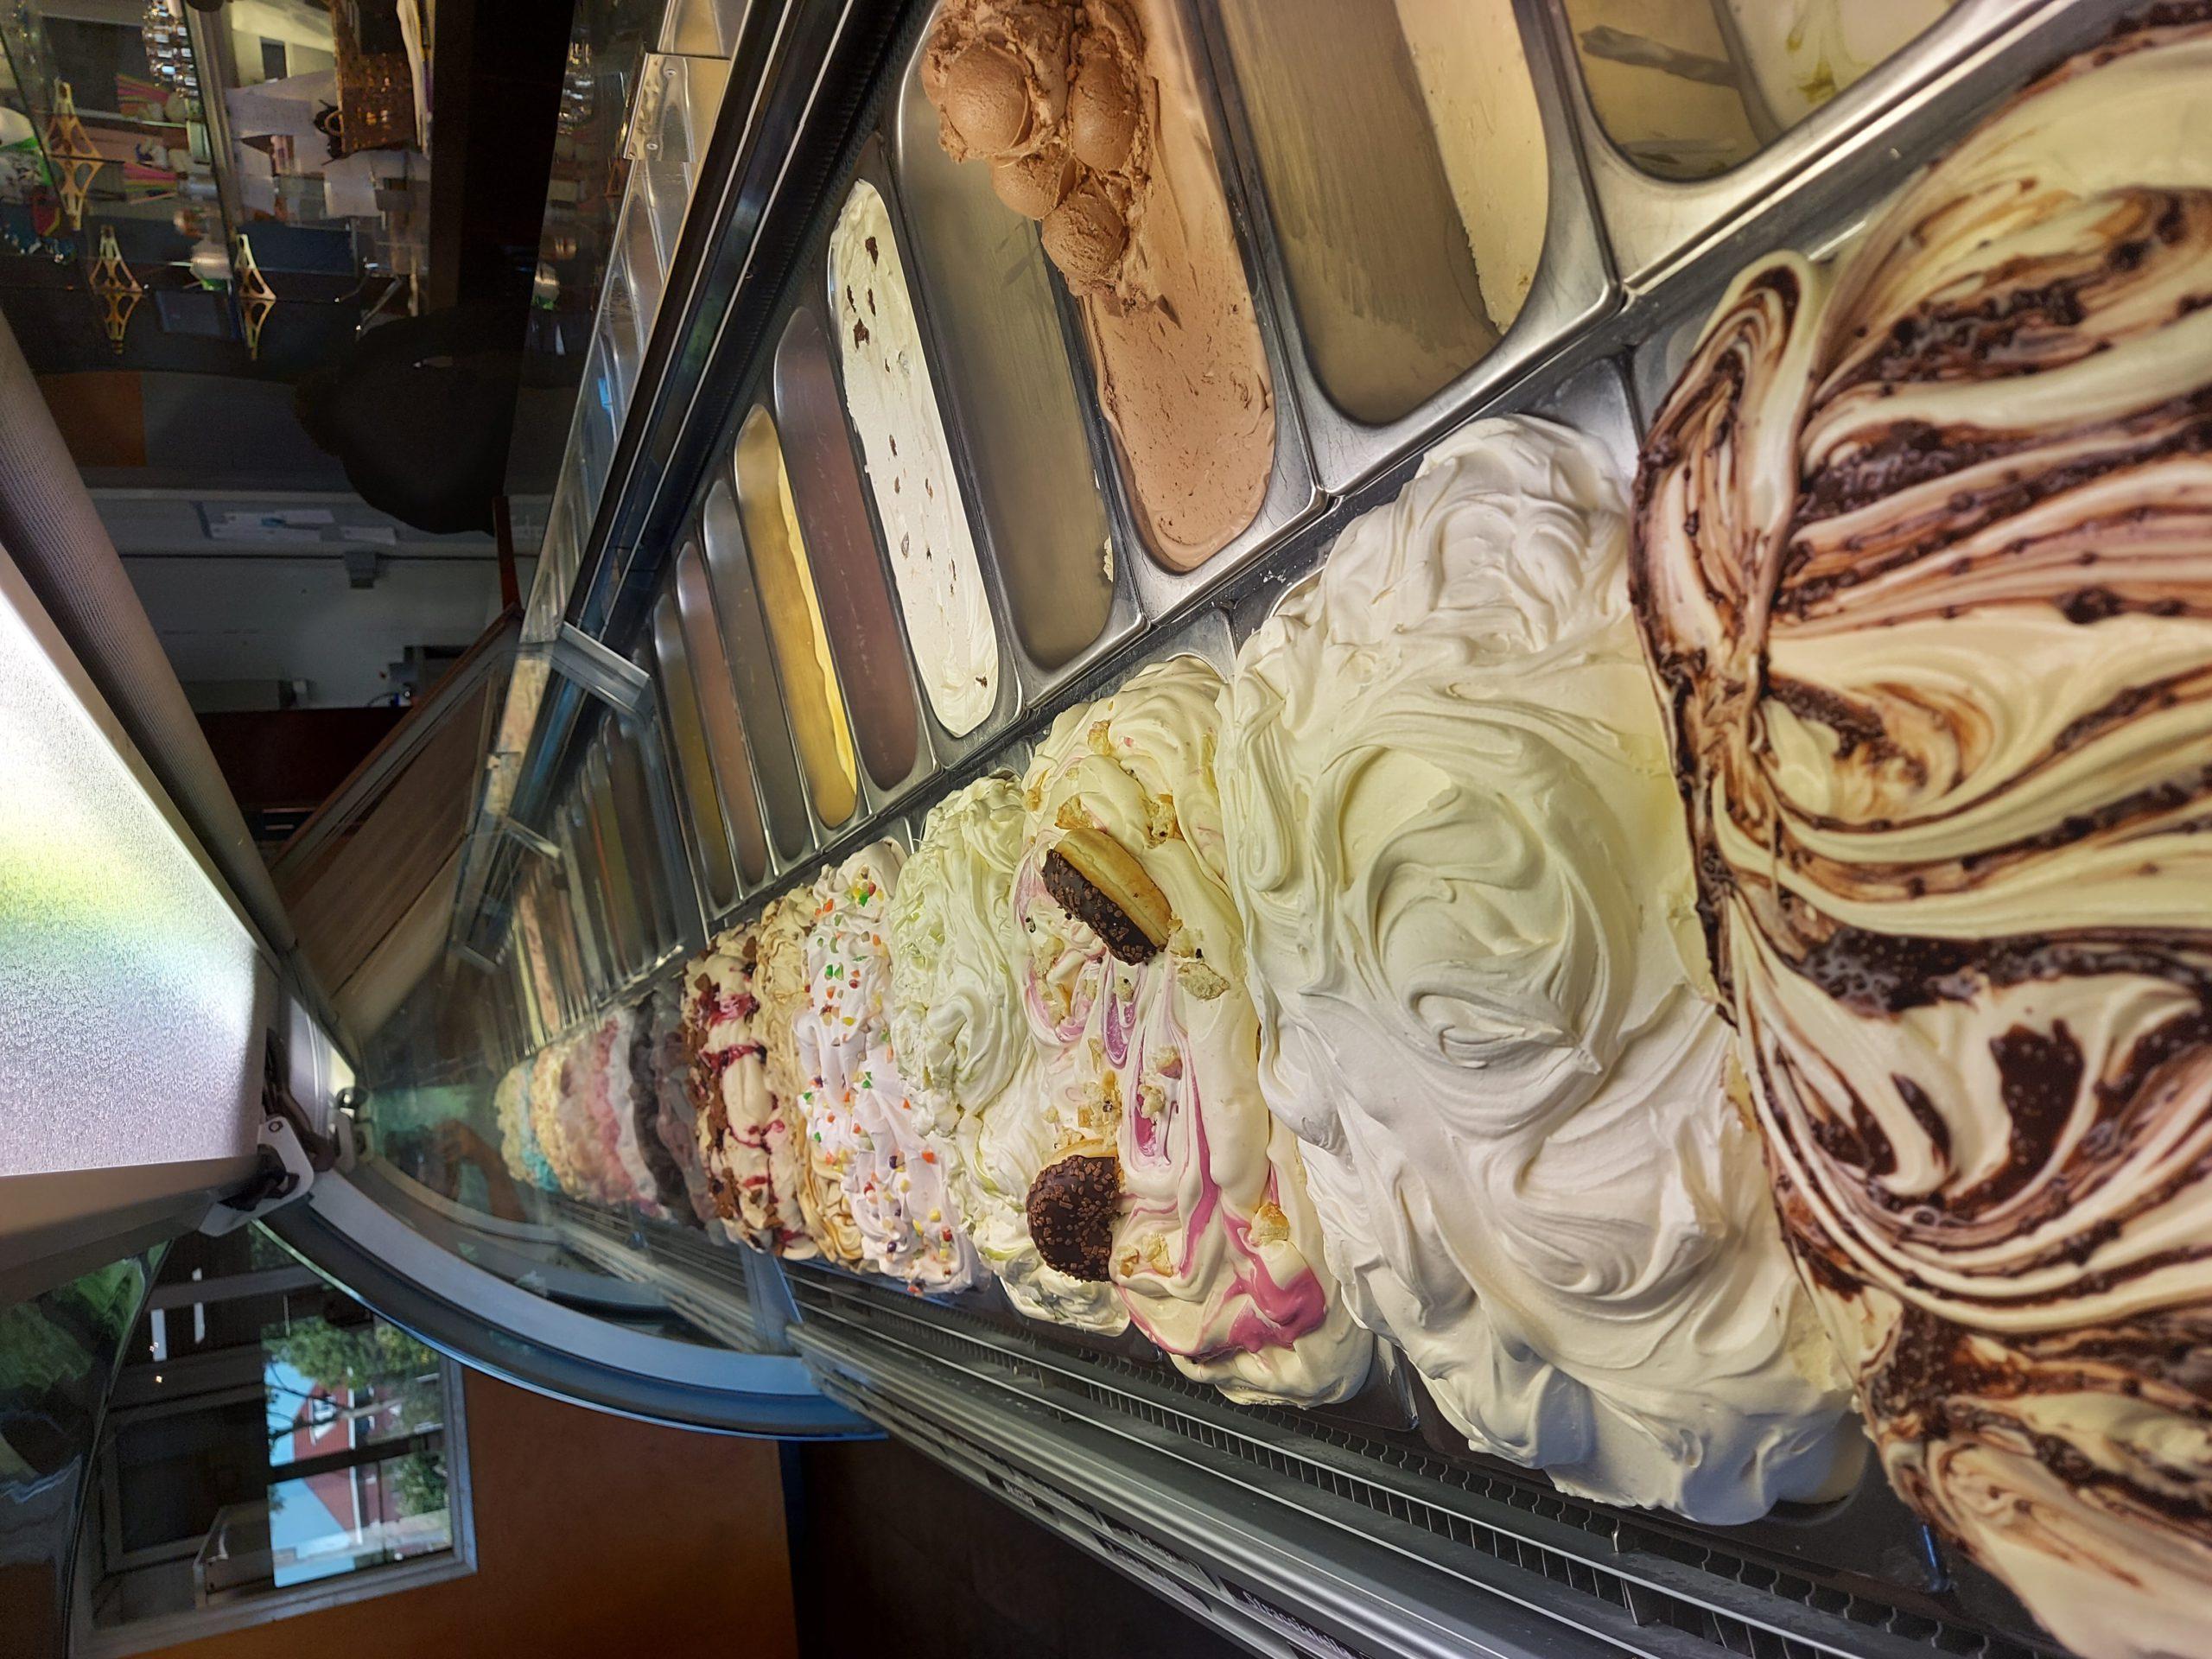 Dat is moeilijk kiezen... een ijsboerderij met zo veel smaken ijs...